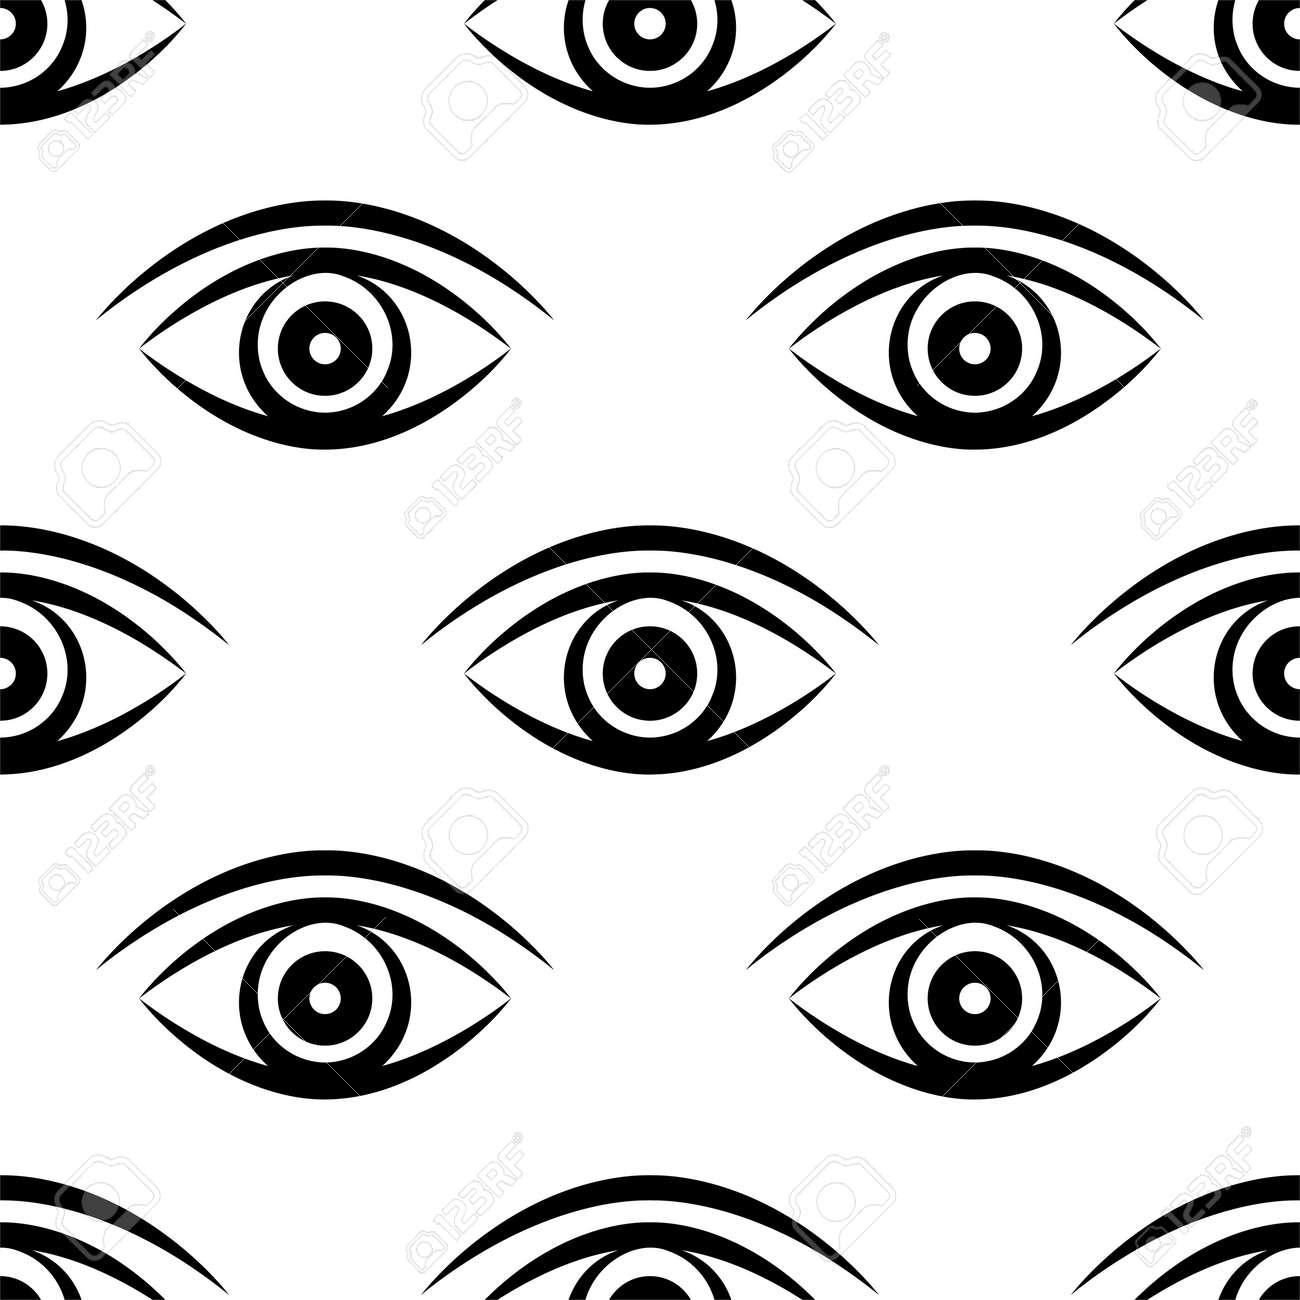 Eye Icon Seamless Pattern Vector Art Illustration - 148090781